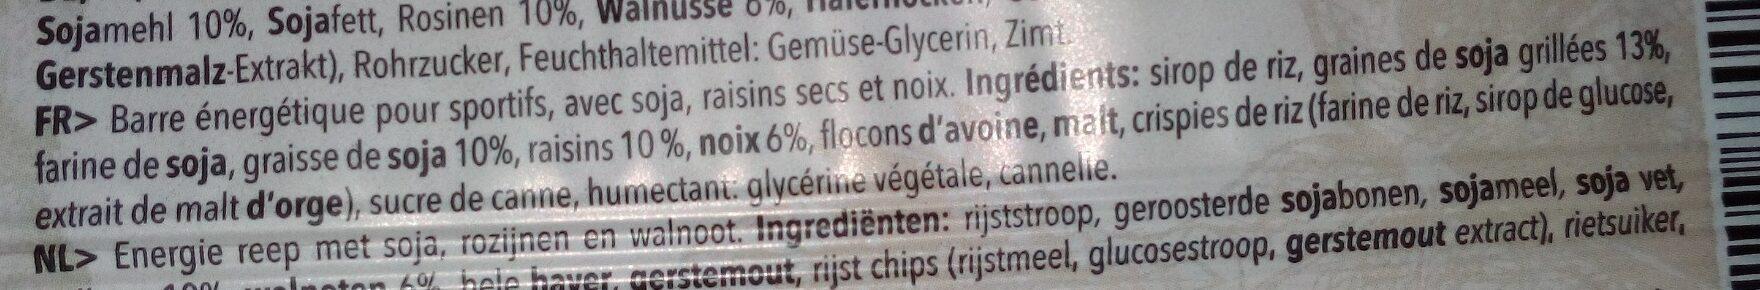 Barre énergétique raisin sec et noix - Ingrédients - fr